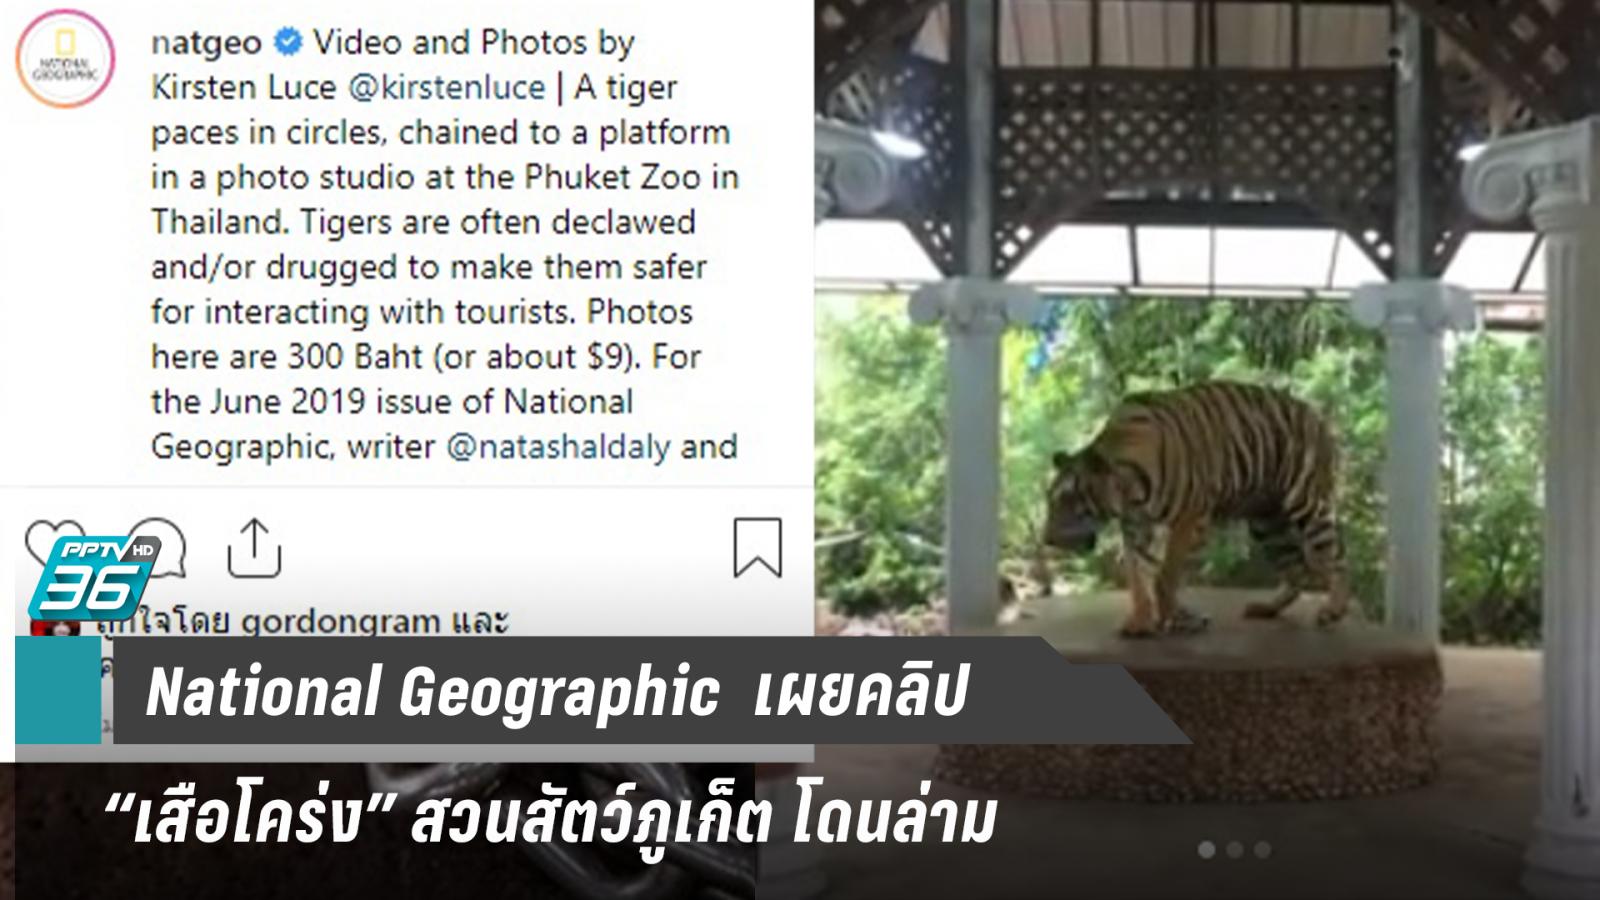 """ช่องสารคดีดัง เปิดคลิป """"เสือโคร่ง"""" สวนสัตว์ภูเก็ตโดนล่ามเพื่อถ่ายรูป"""